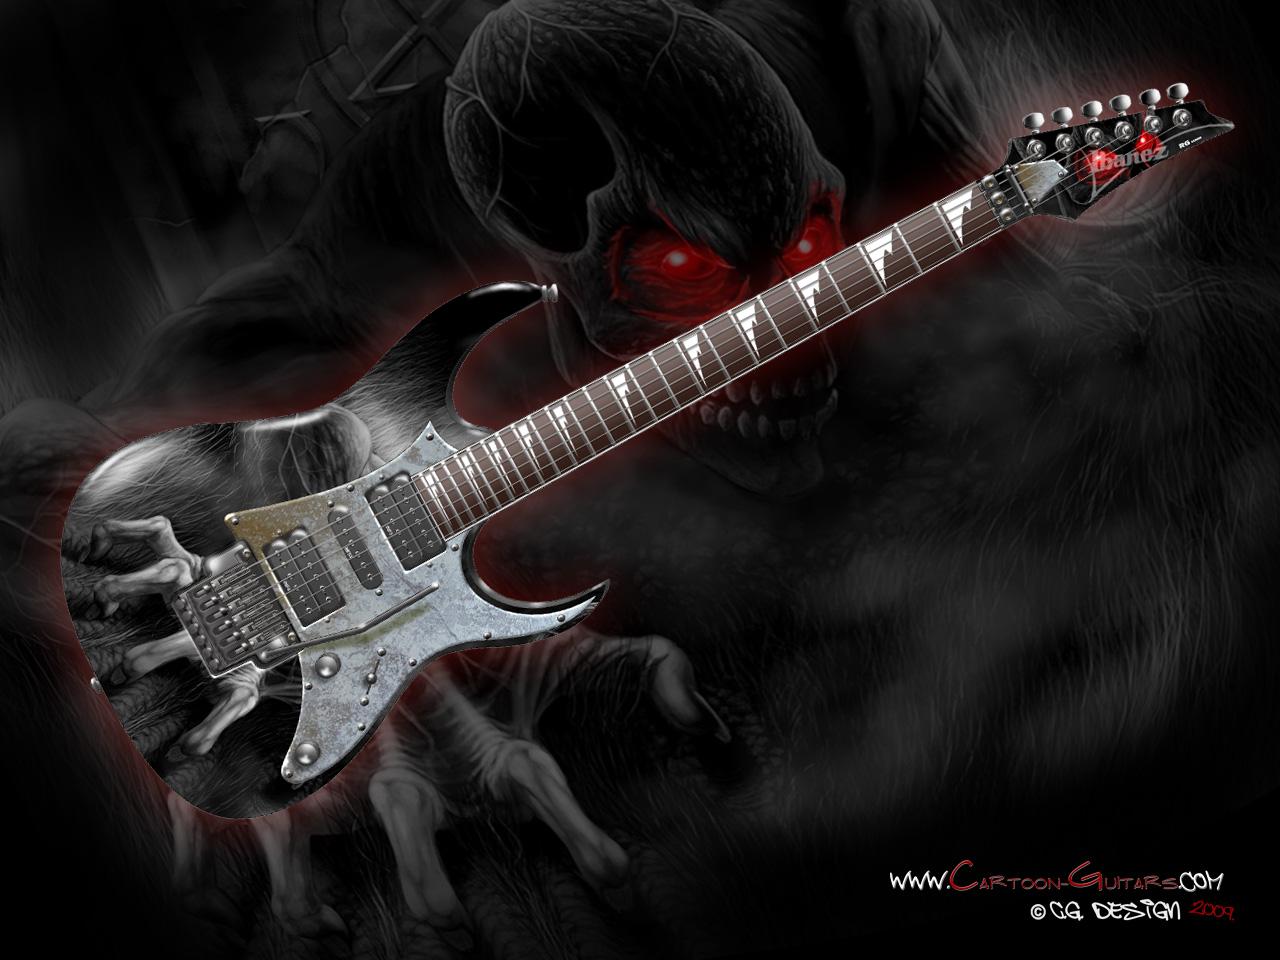 http://1.bp.blogspot.com/-WqHCcdkE08s/TgkQFhtsCZI/AAAAAAAAAzI/L5LOWVq27OY/s1600/ibanez-rg350-custom-wallpaper_20090401_2001860338.jpg